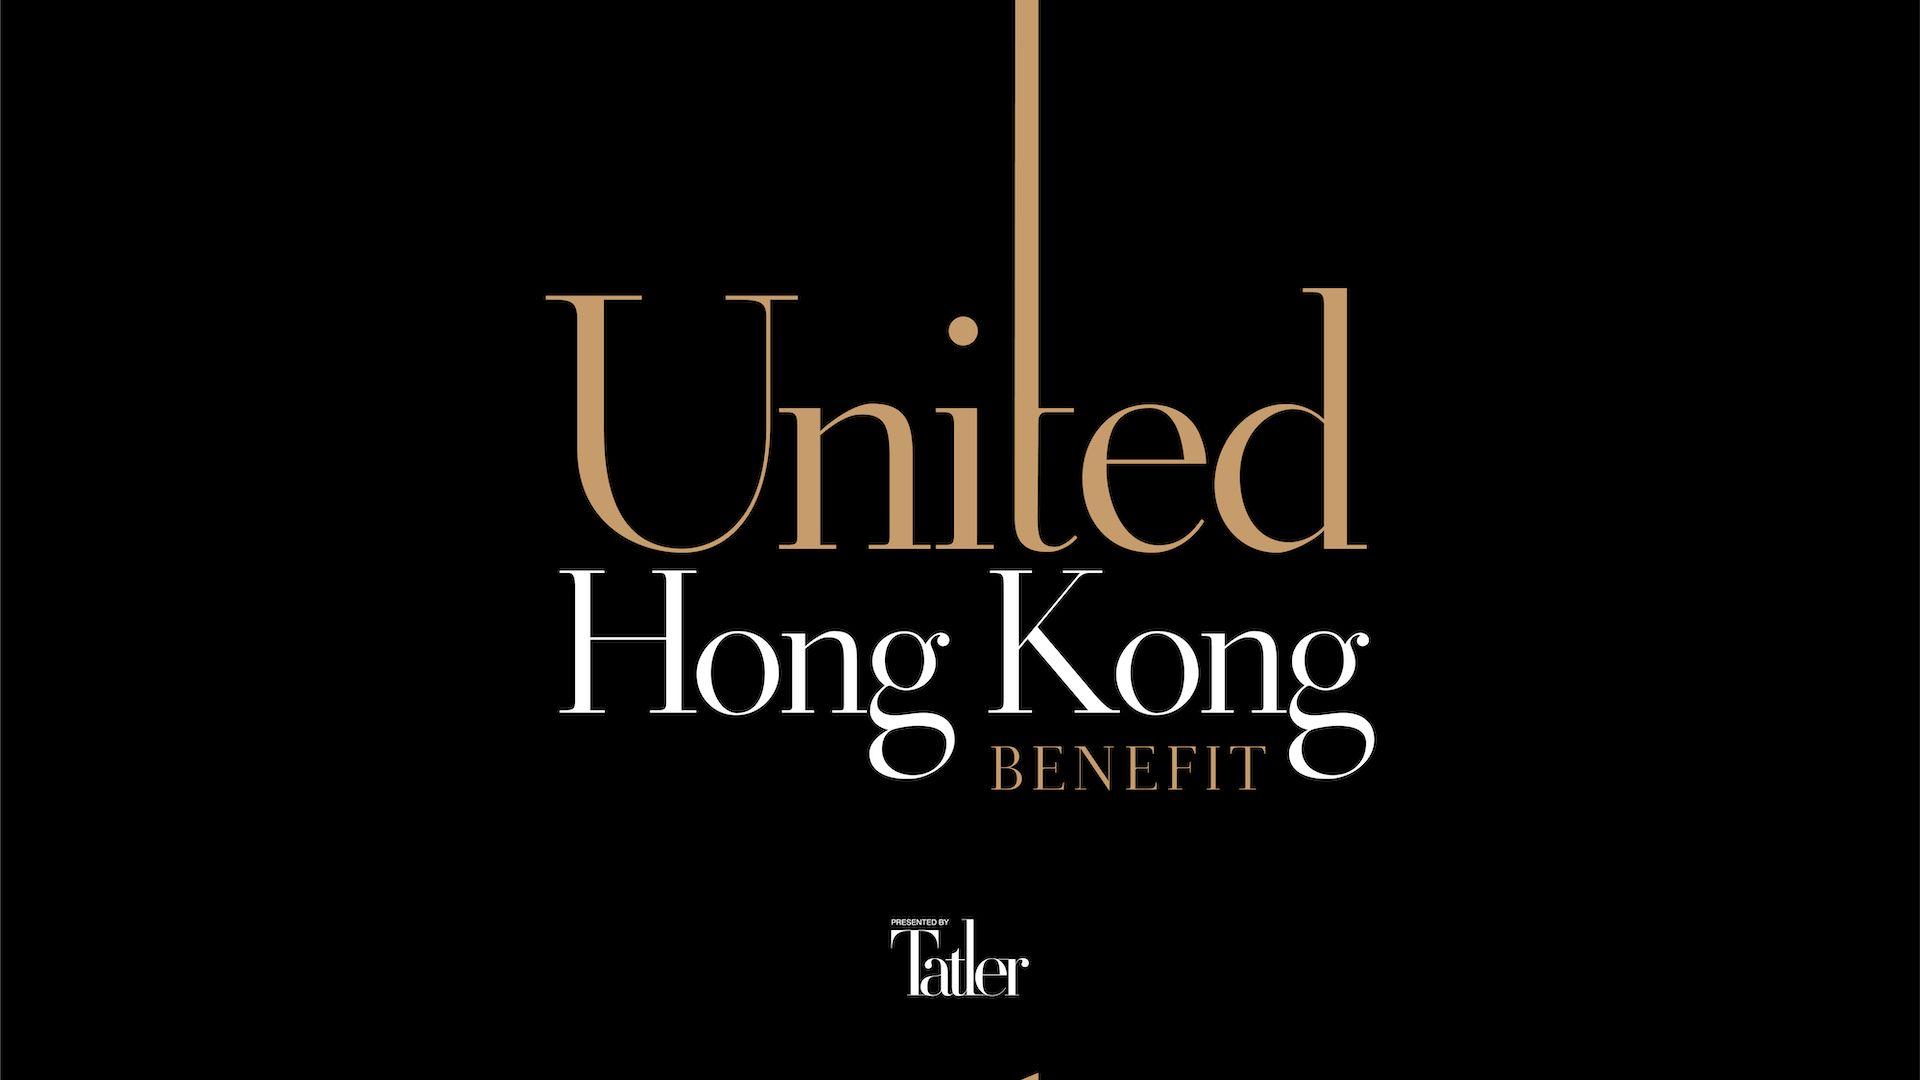 Tatler Launches The Inaugural United Hong Kong Benefit